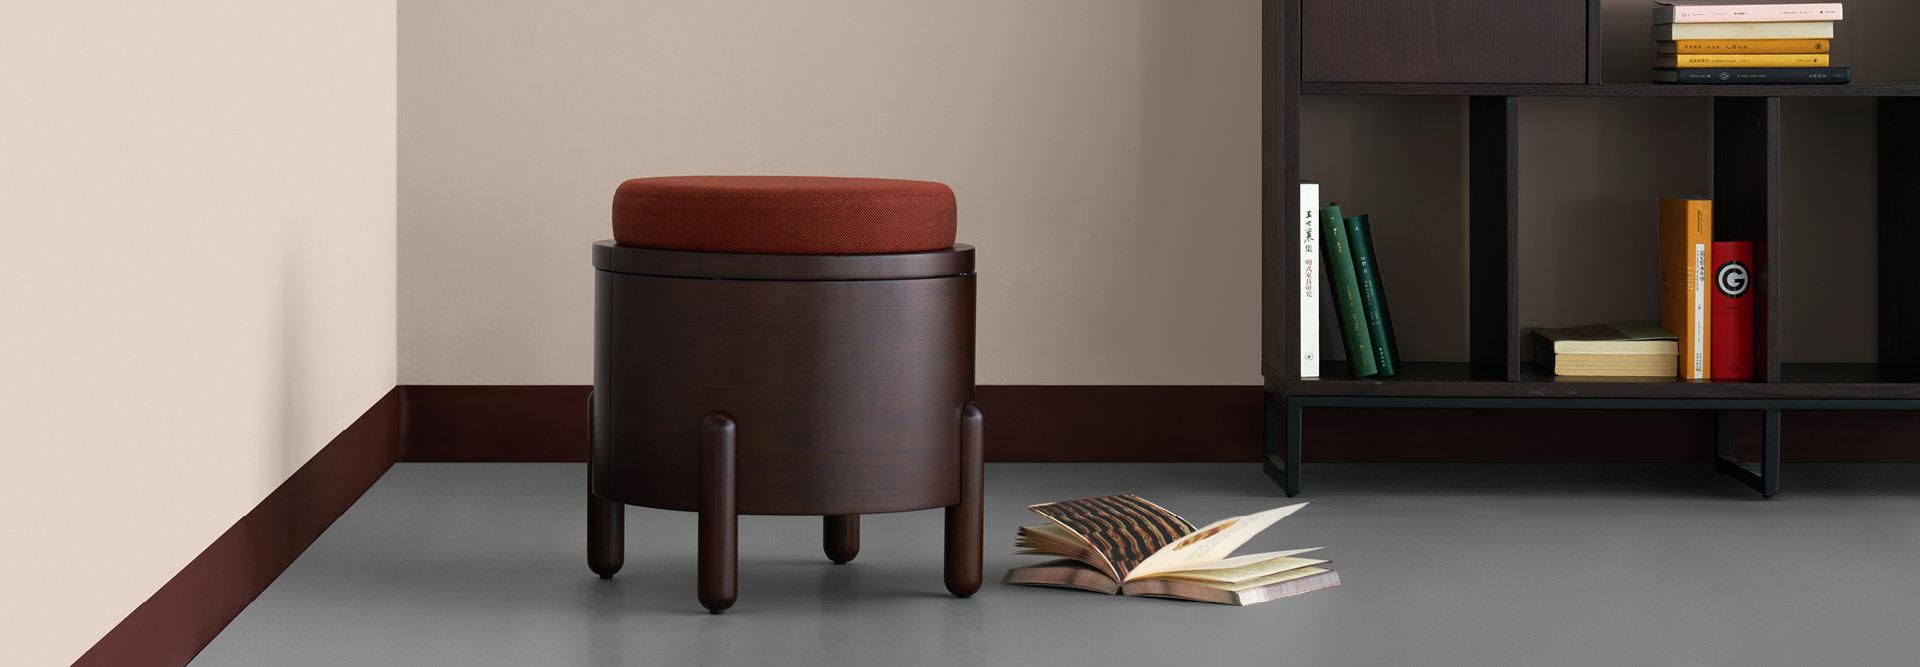 坐墩+收纳+边桌,萌化空间的多用甜心